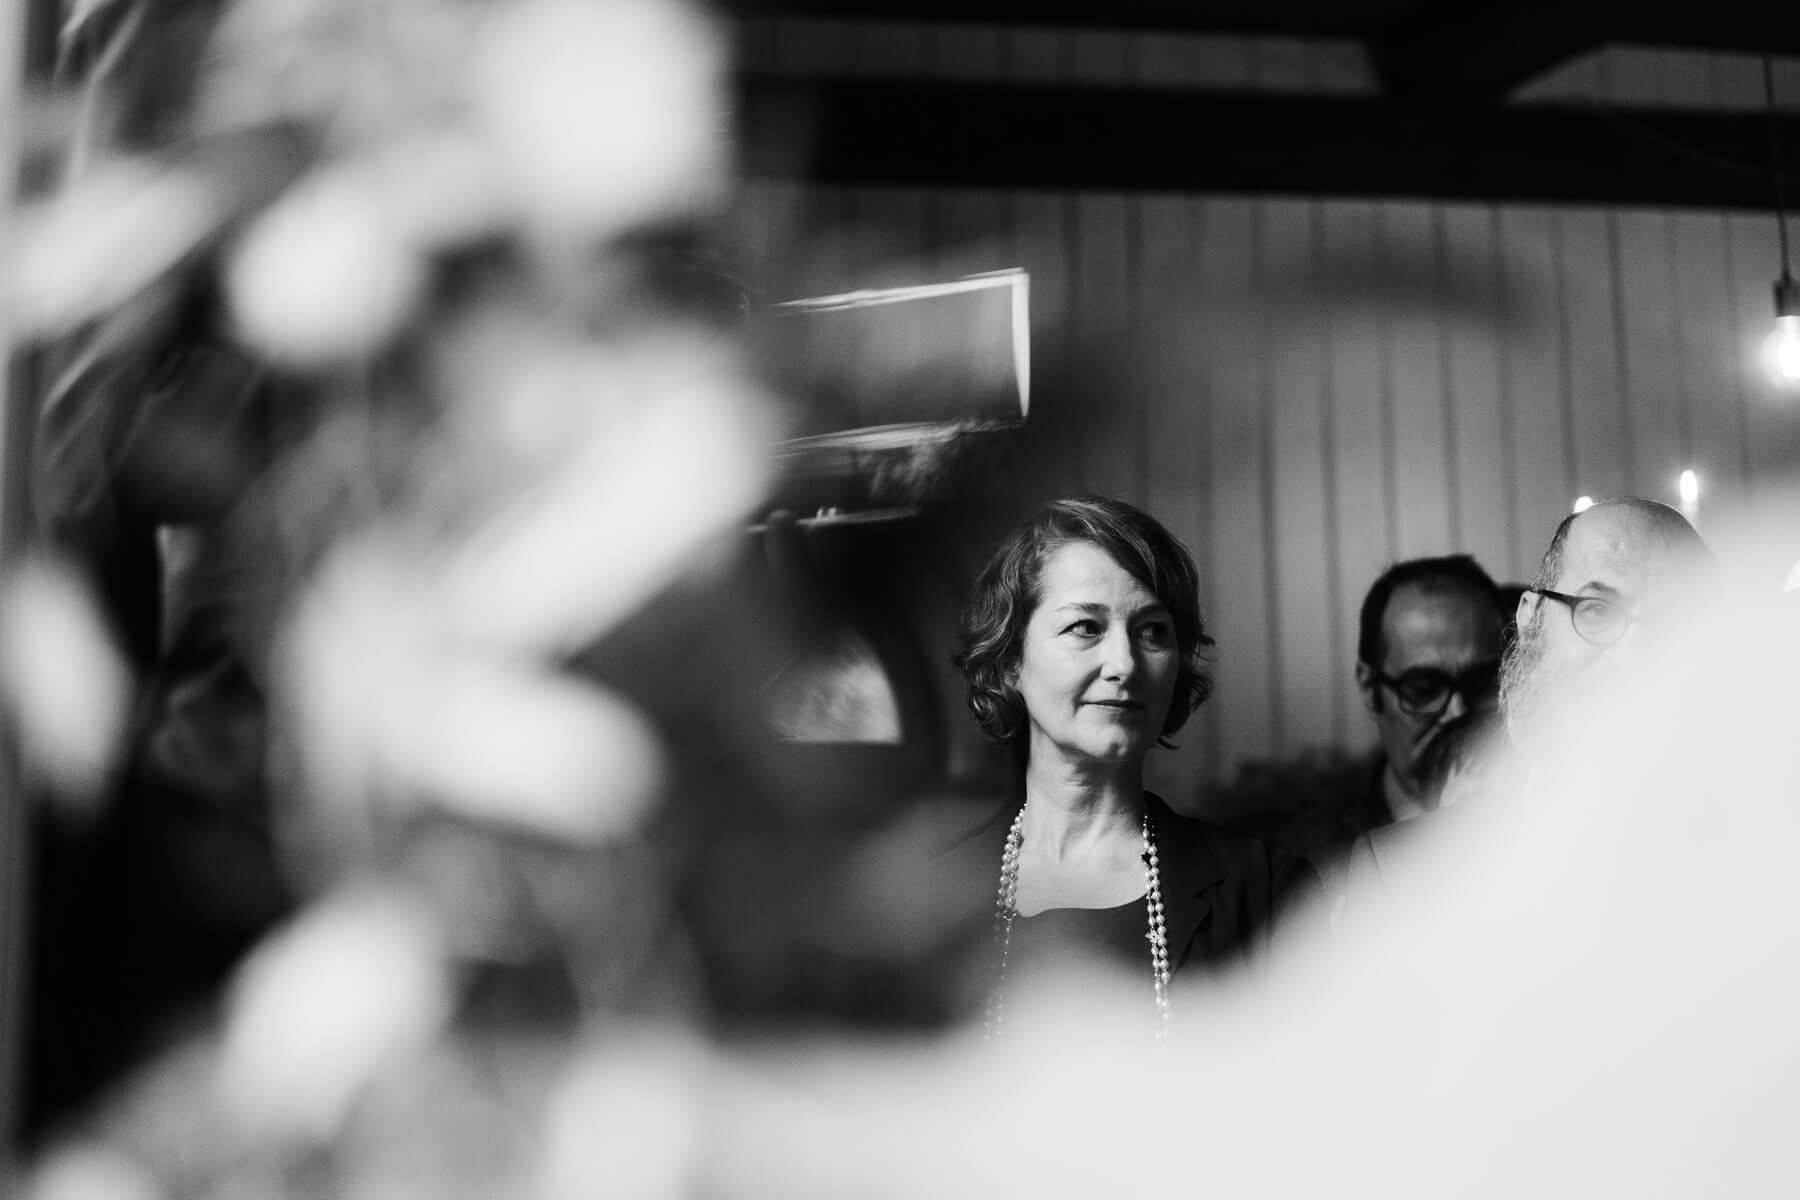 in einem Trauzimmer in einem Landhaus sitzen die Gäste des Brautpaar, eine Frau und ein Mann schauen aufmerksam auf das Brautpaar, im Vordergund steht ein Blumengesteck